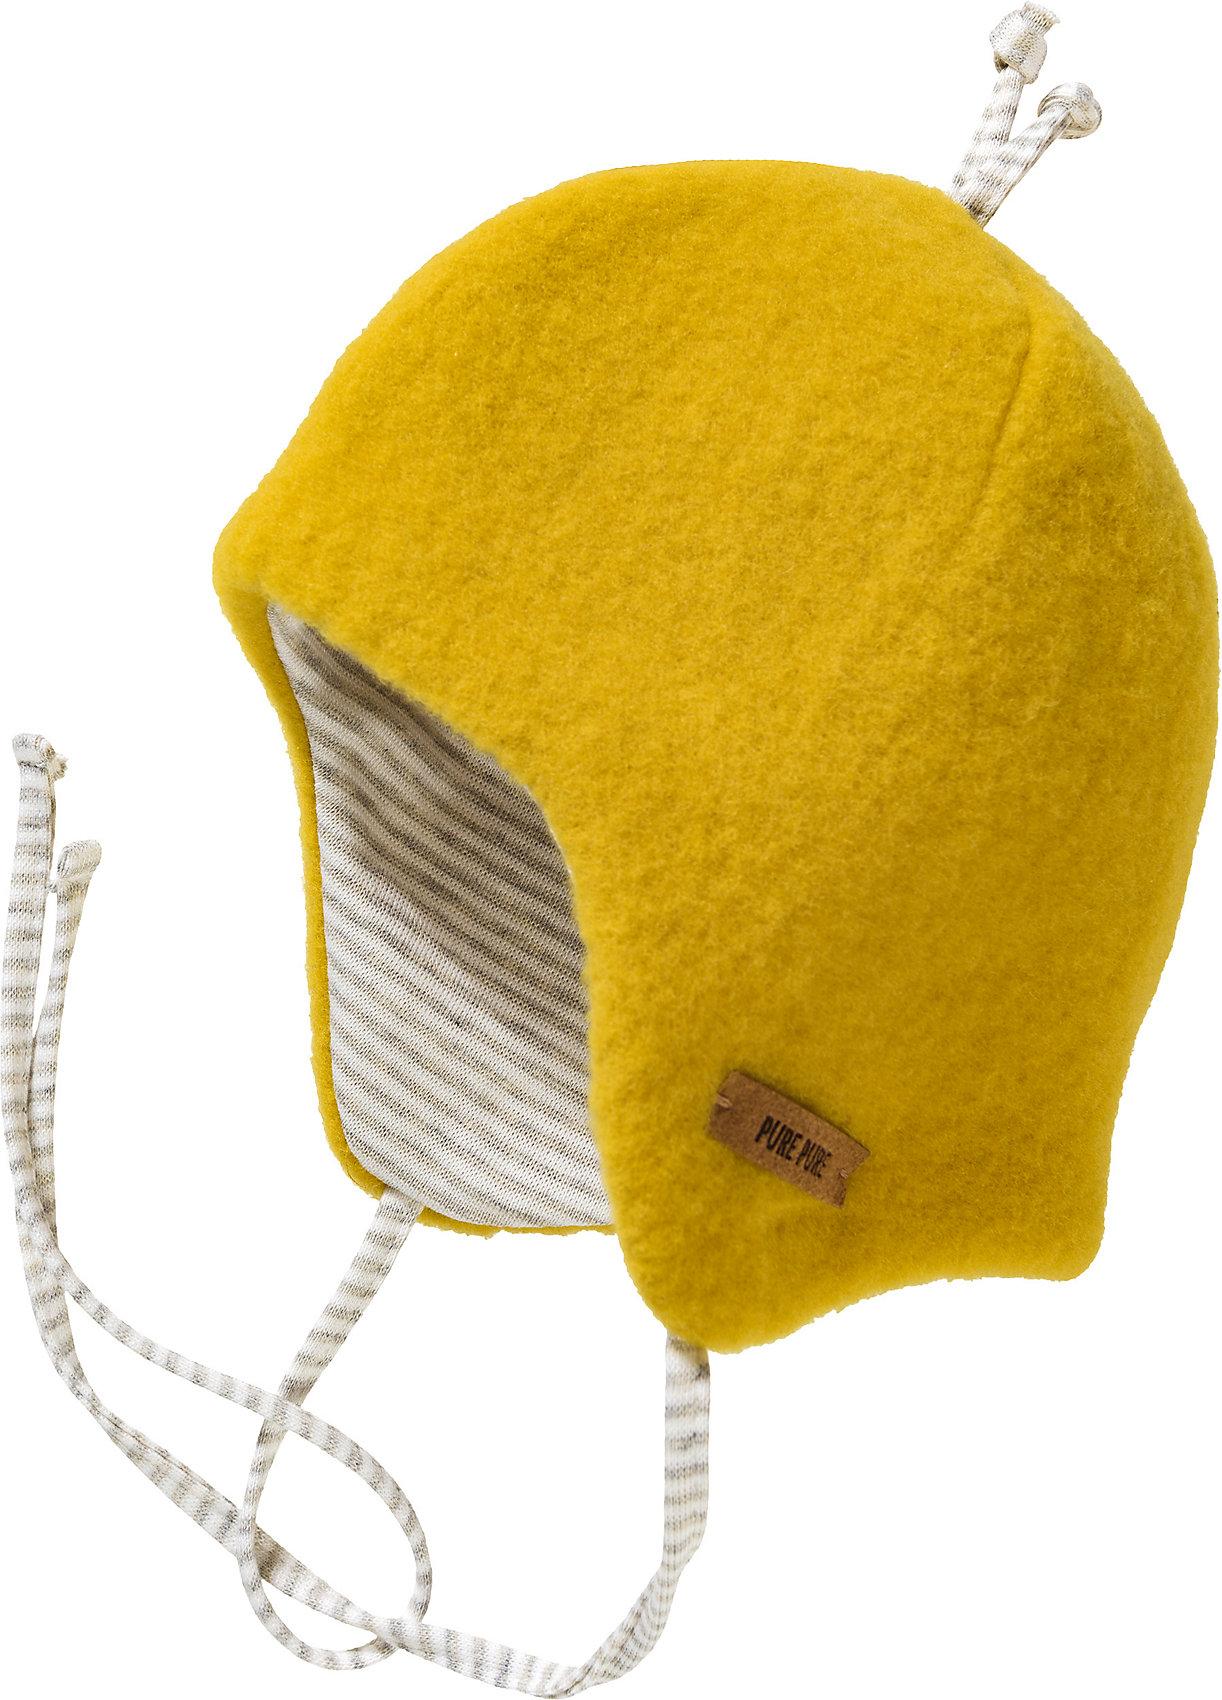 Neu pure pure by BAUER Baby Mütze Organic Cotton 12377109 für Mädchen